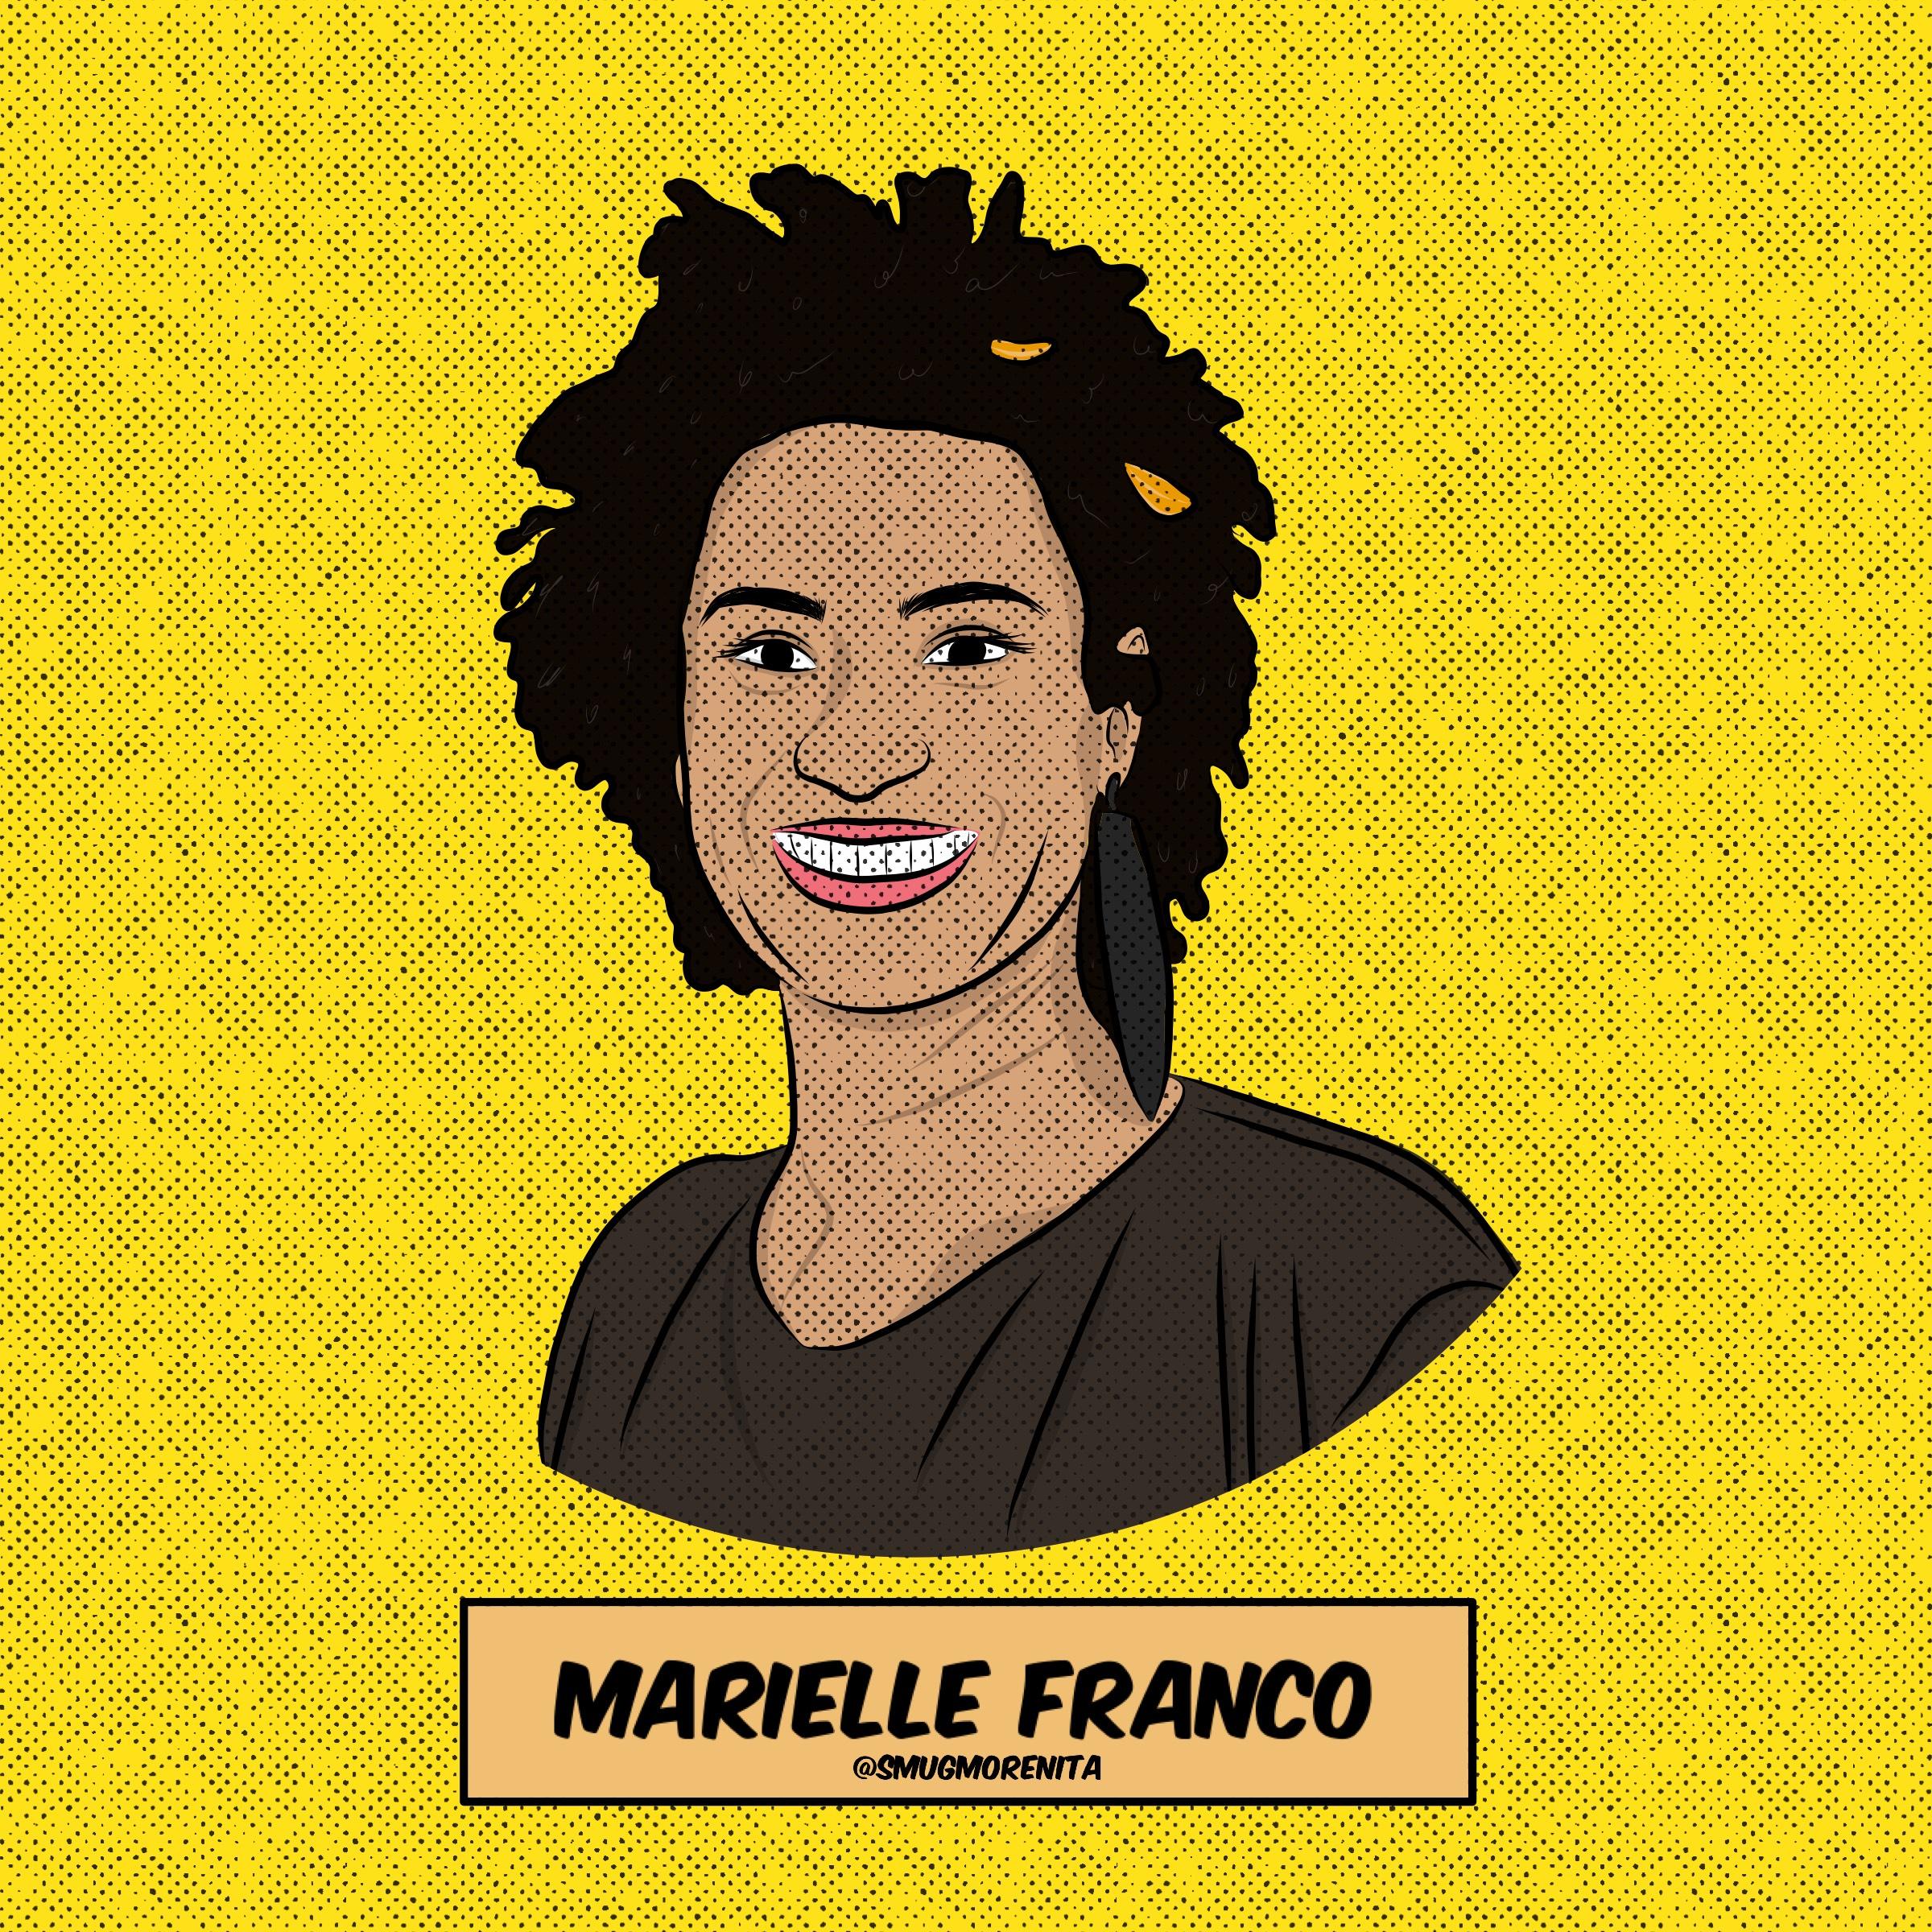 Marielle Franco - Web Image .jpg